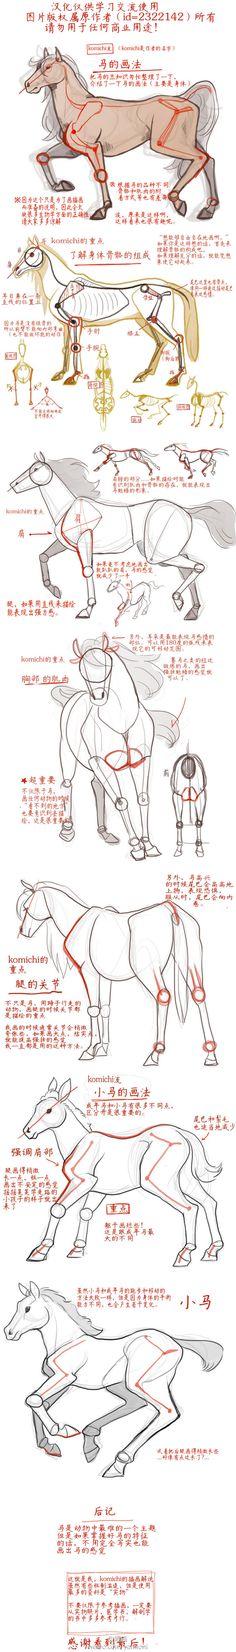 11 meilleures images du tableau apprendre a dessiner des mangas learn to draw manga drawing - Apprendre a dessiner des chevaux ...